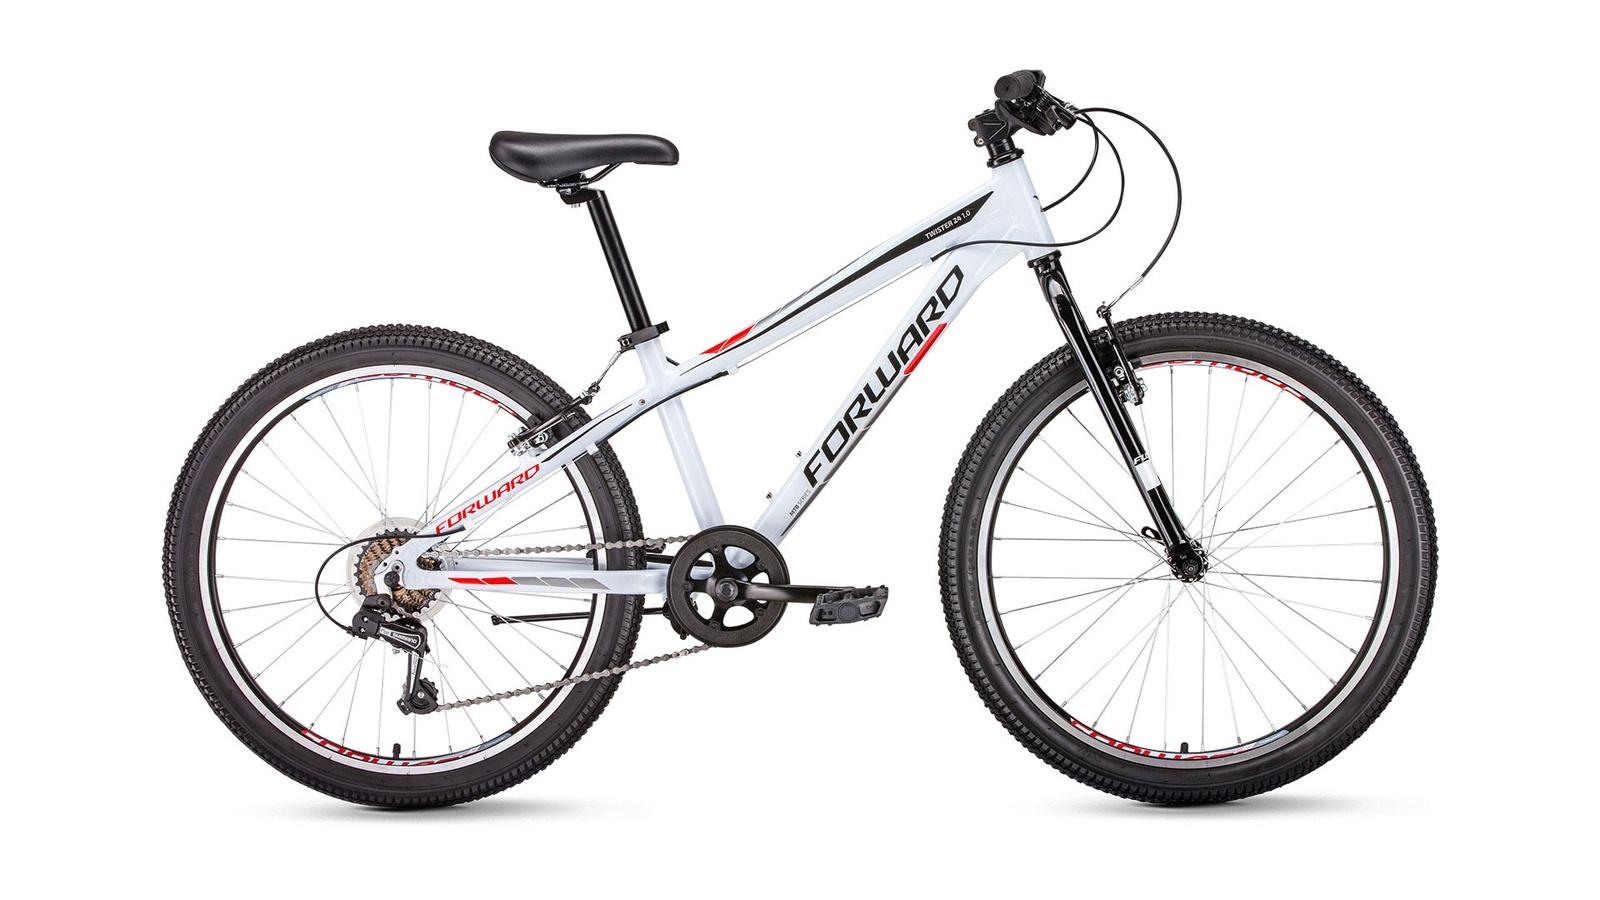 Велосипед Forward Twister 24 1.0, белый велосипед forward twister 24 1 0 2019